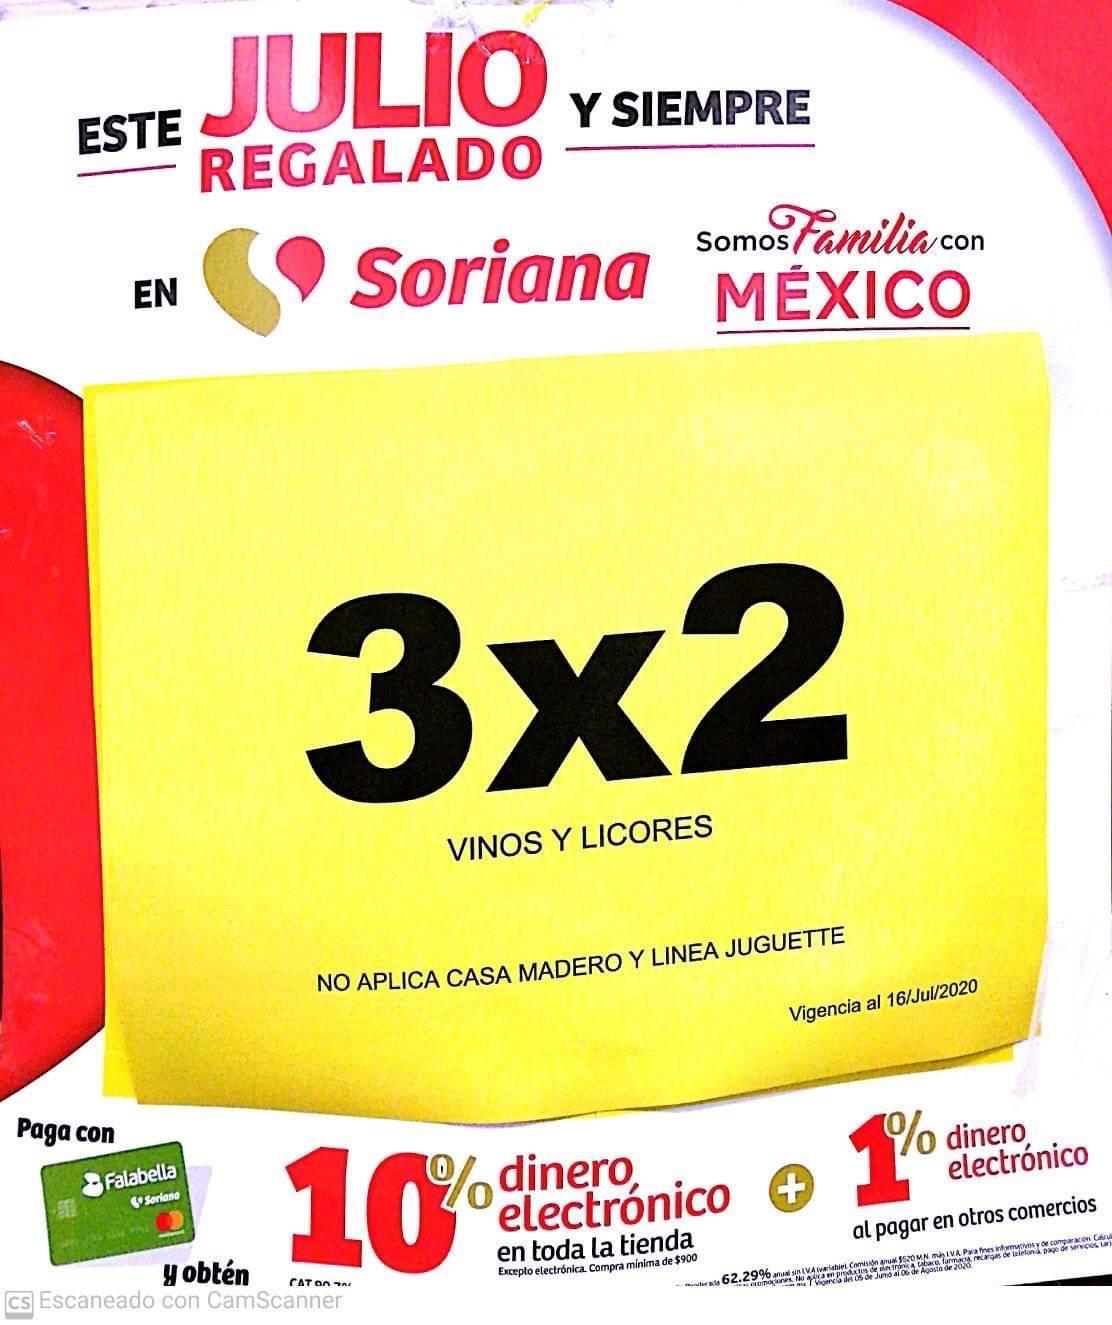 Julio Regalado 2020 en Soriana: 3x2 en TODOS los Vinos y Licores